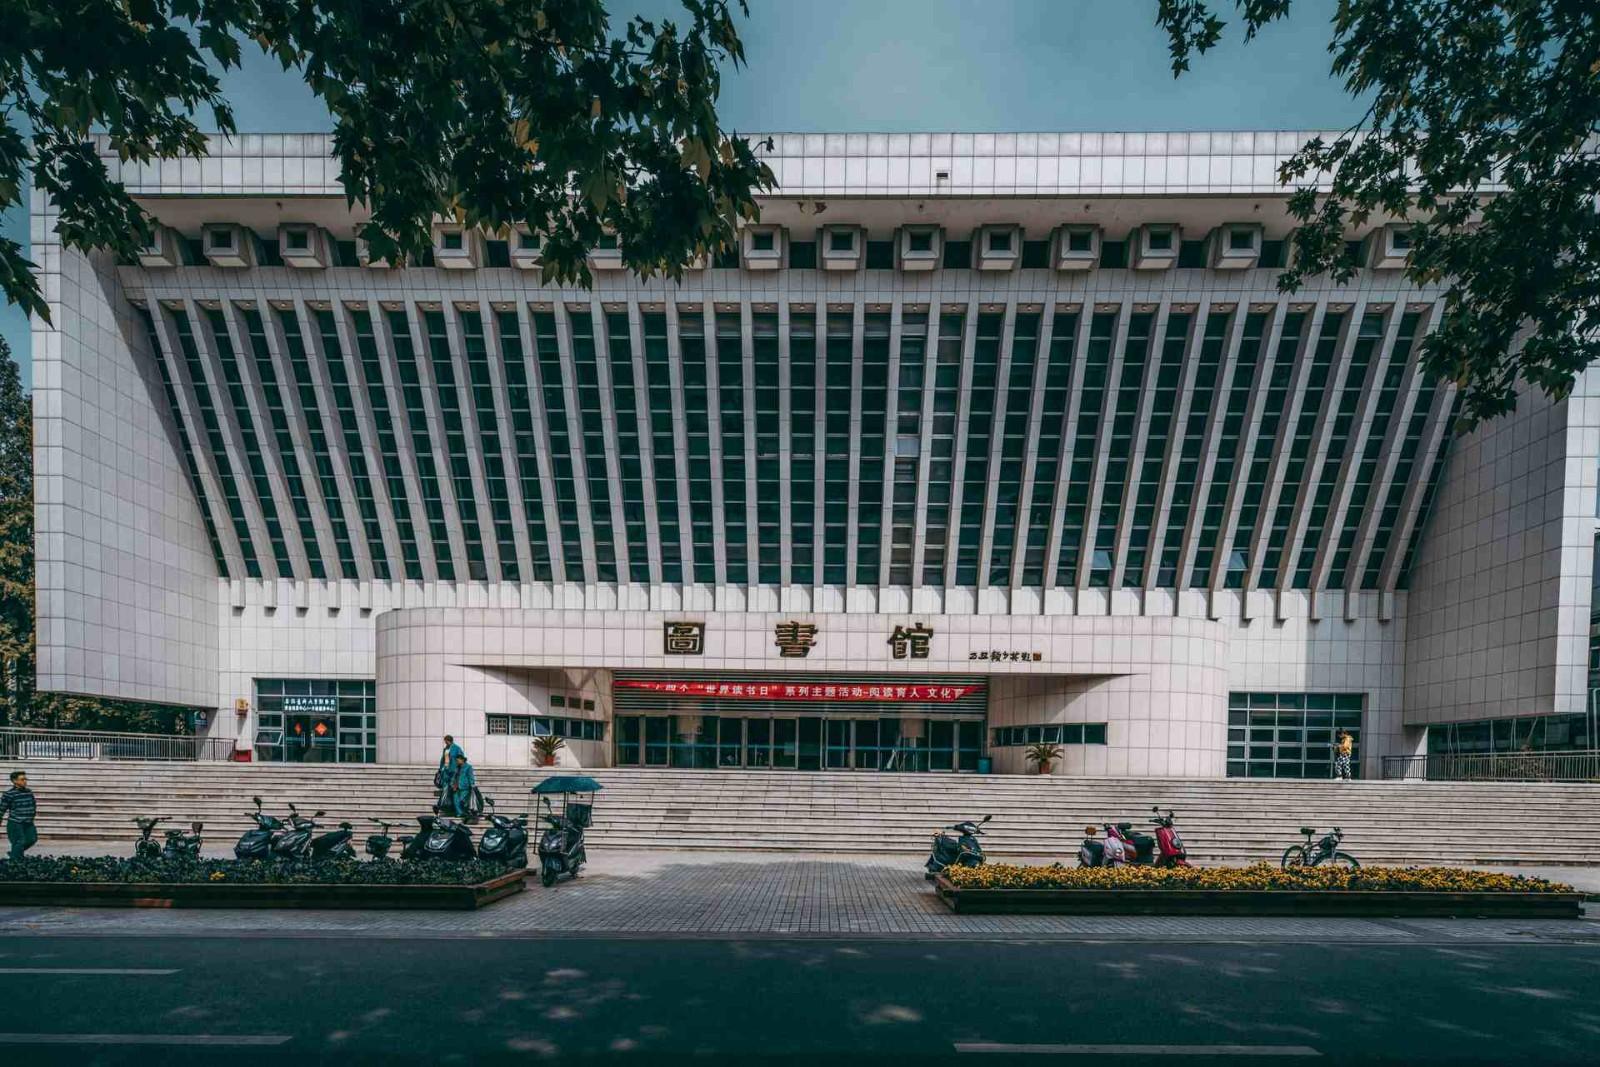 安徽醫科大學圖書館